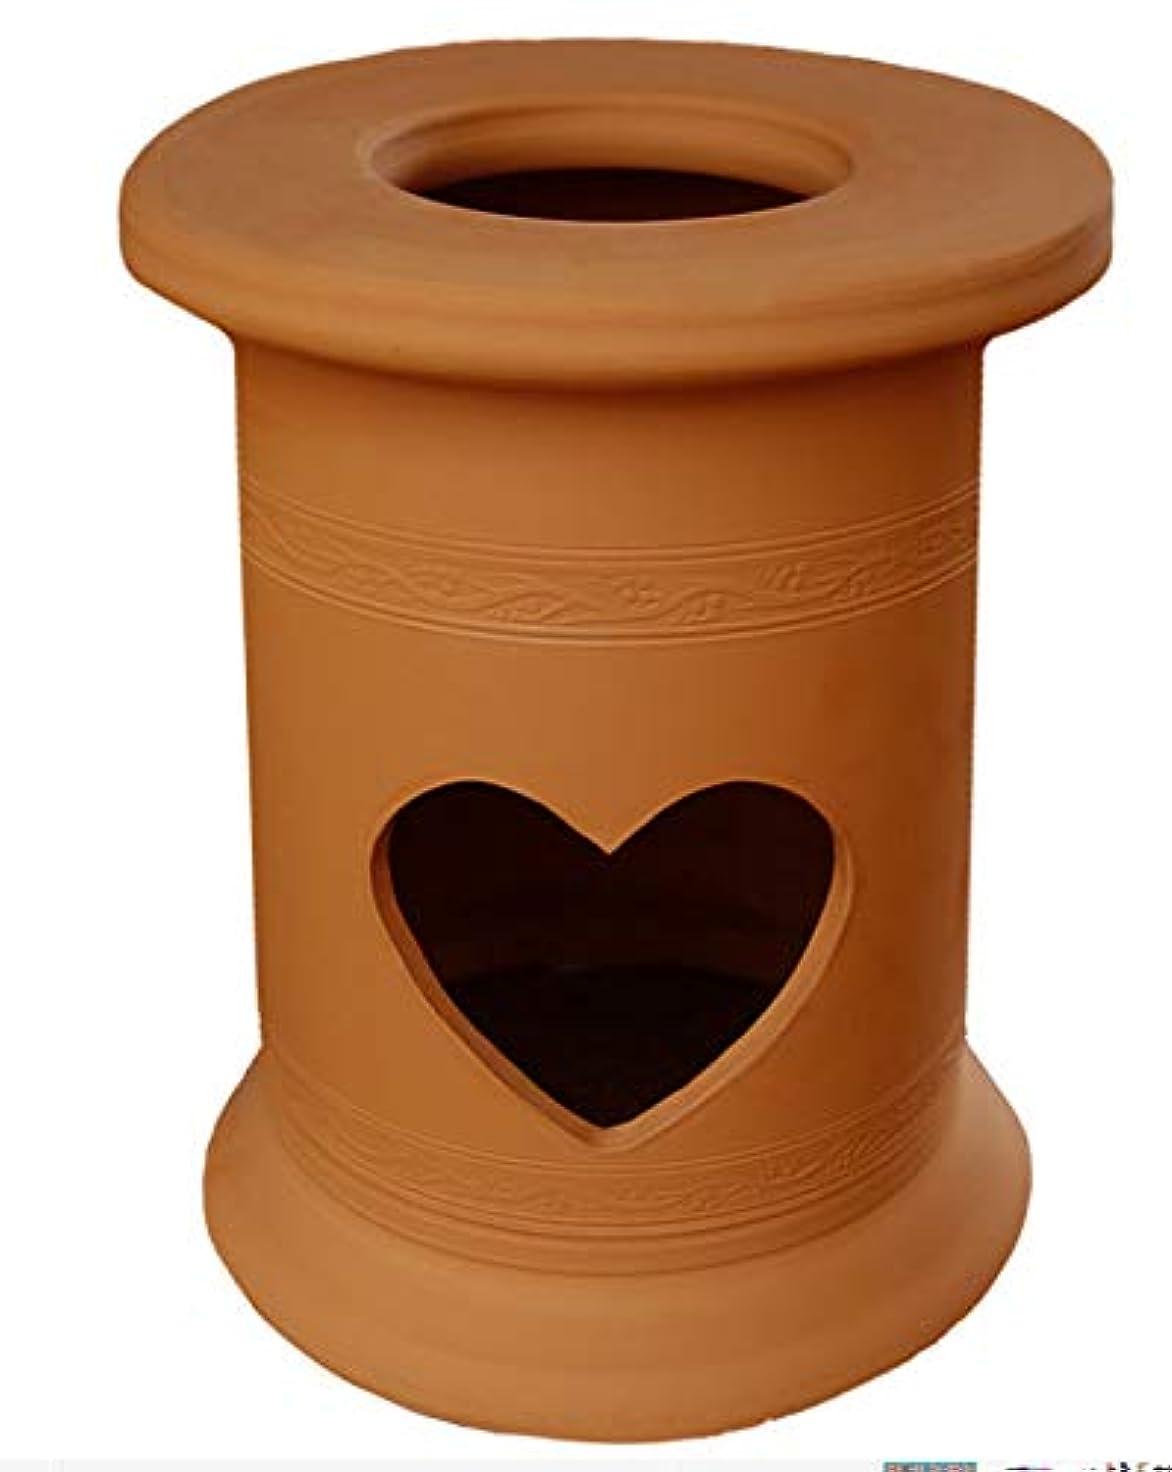 投獄アマチュア法廷黄土のヨモギが最高、電気鍋利用の子宮集中形の黄土陶磁器ヨモギ蒸しセット<電気鍋入り>